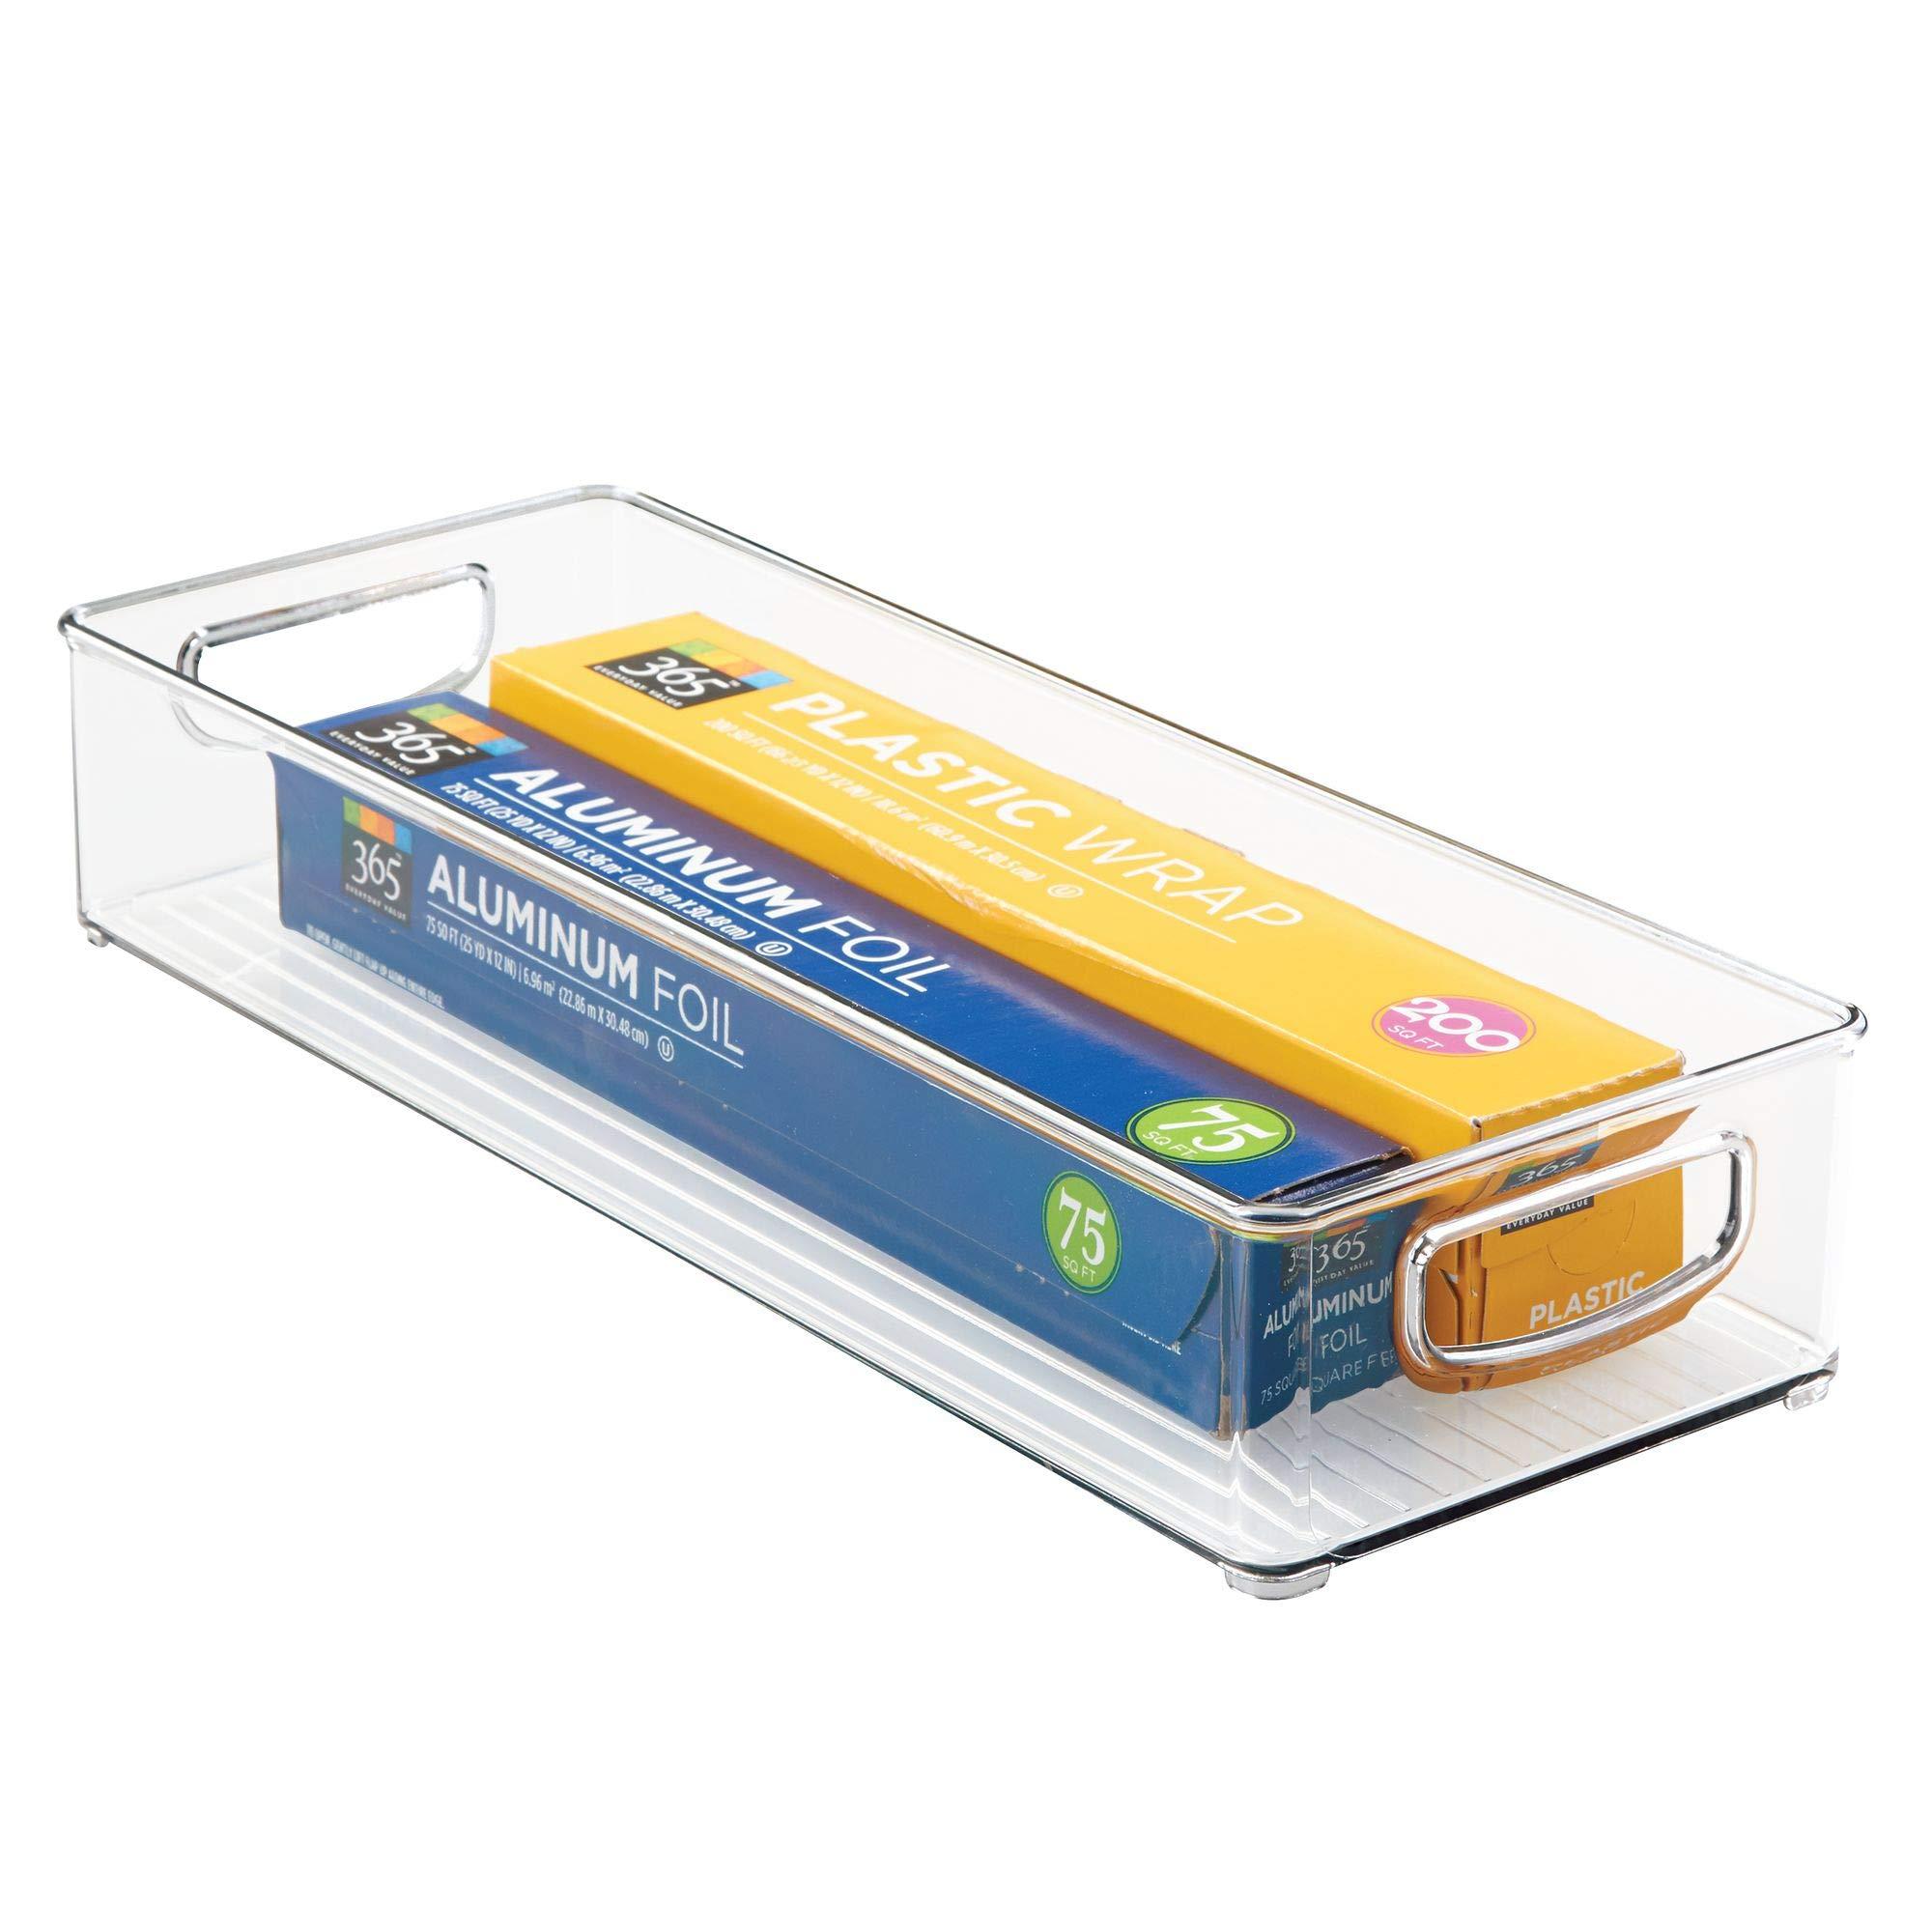 InterDesign Home Kitchen Organizer Bin for Pantry, Refrigerator, Freezer & Storage Cabinet 16'' x 6'' x 3'', Clear